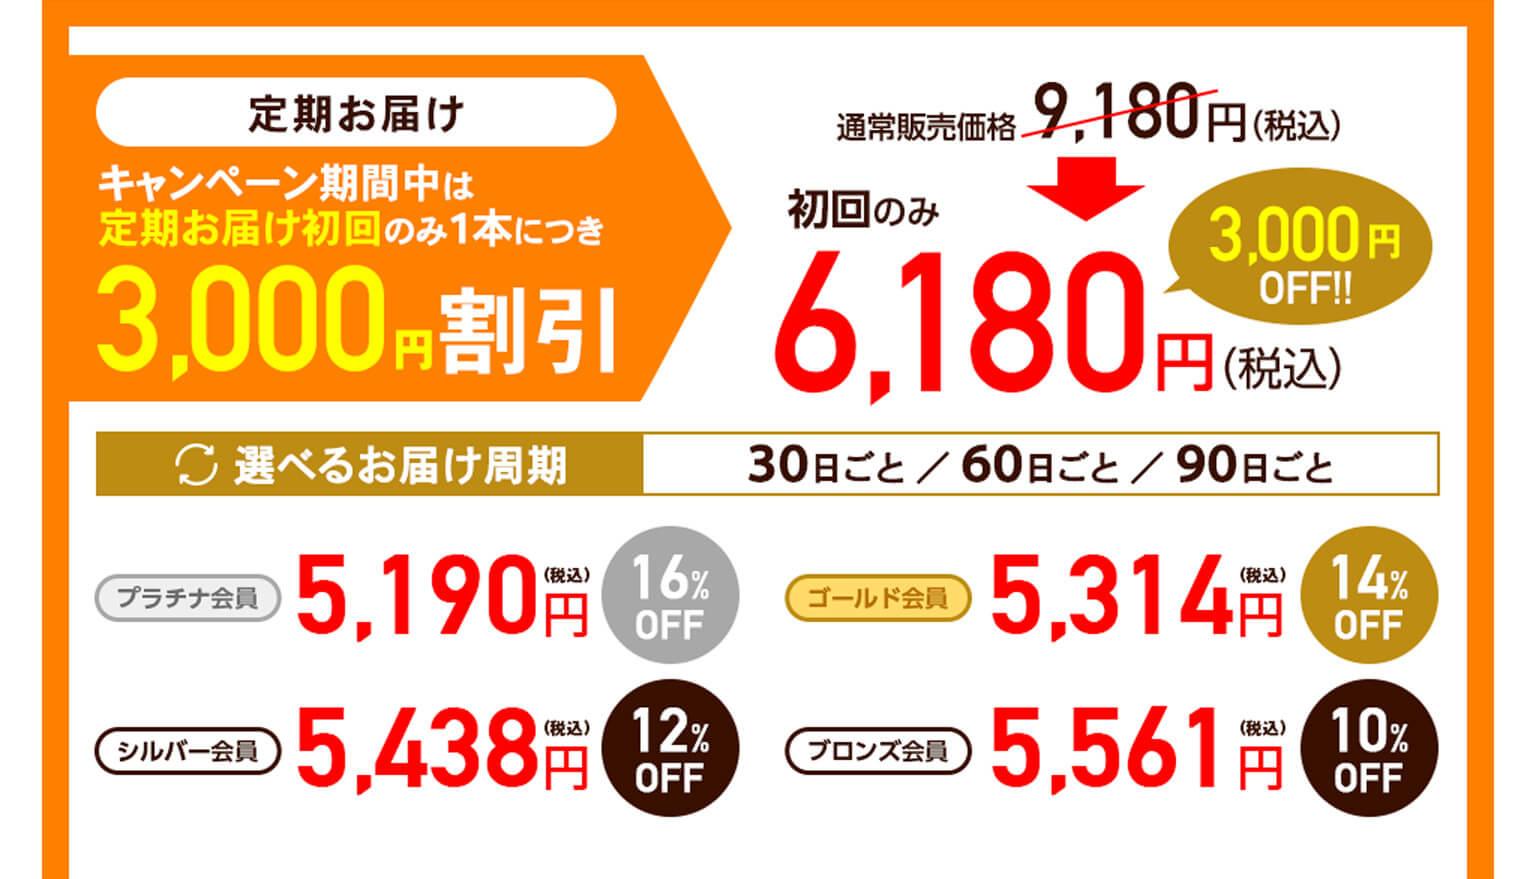 定期お届けの初回1回目は、キャンペーン中:1瓶につき3,000円割引の6,180円(税込)